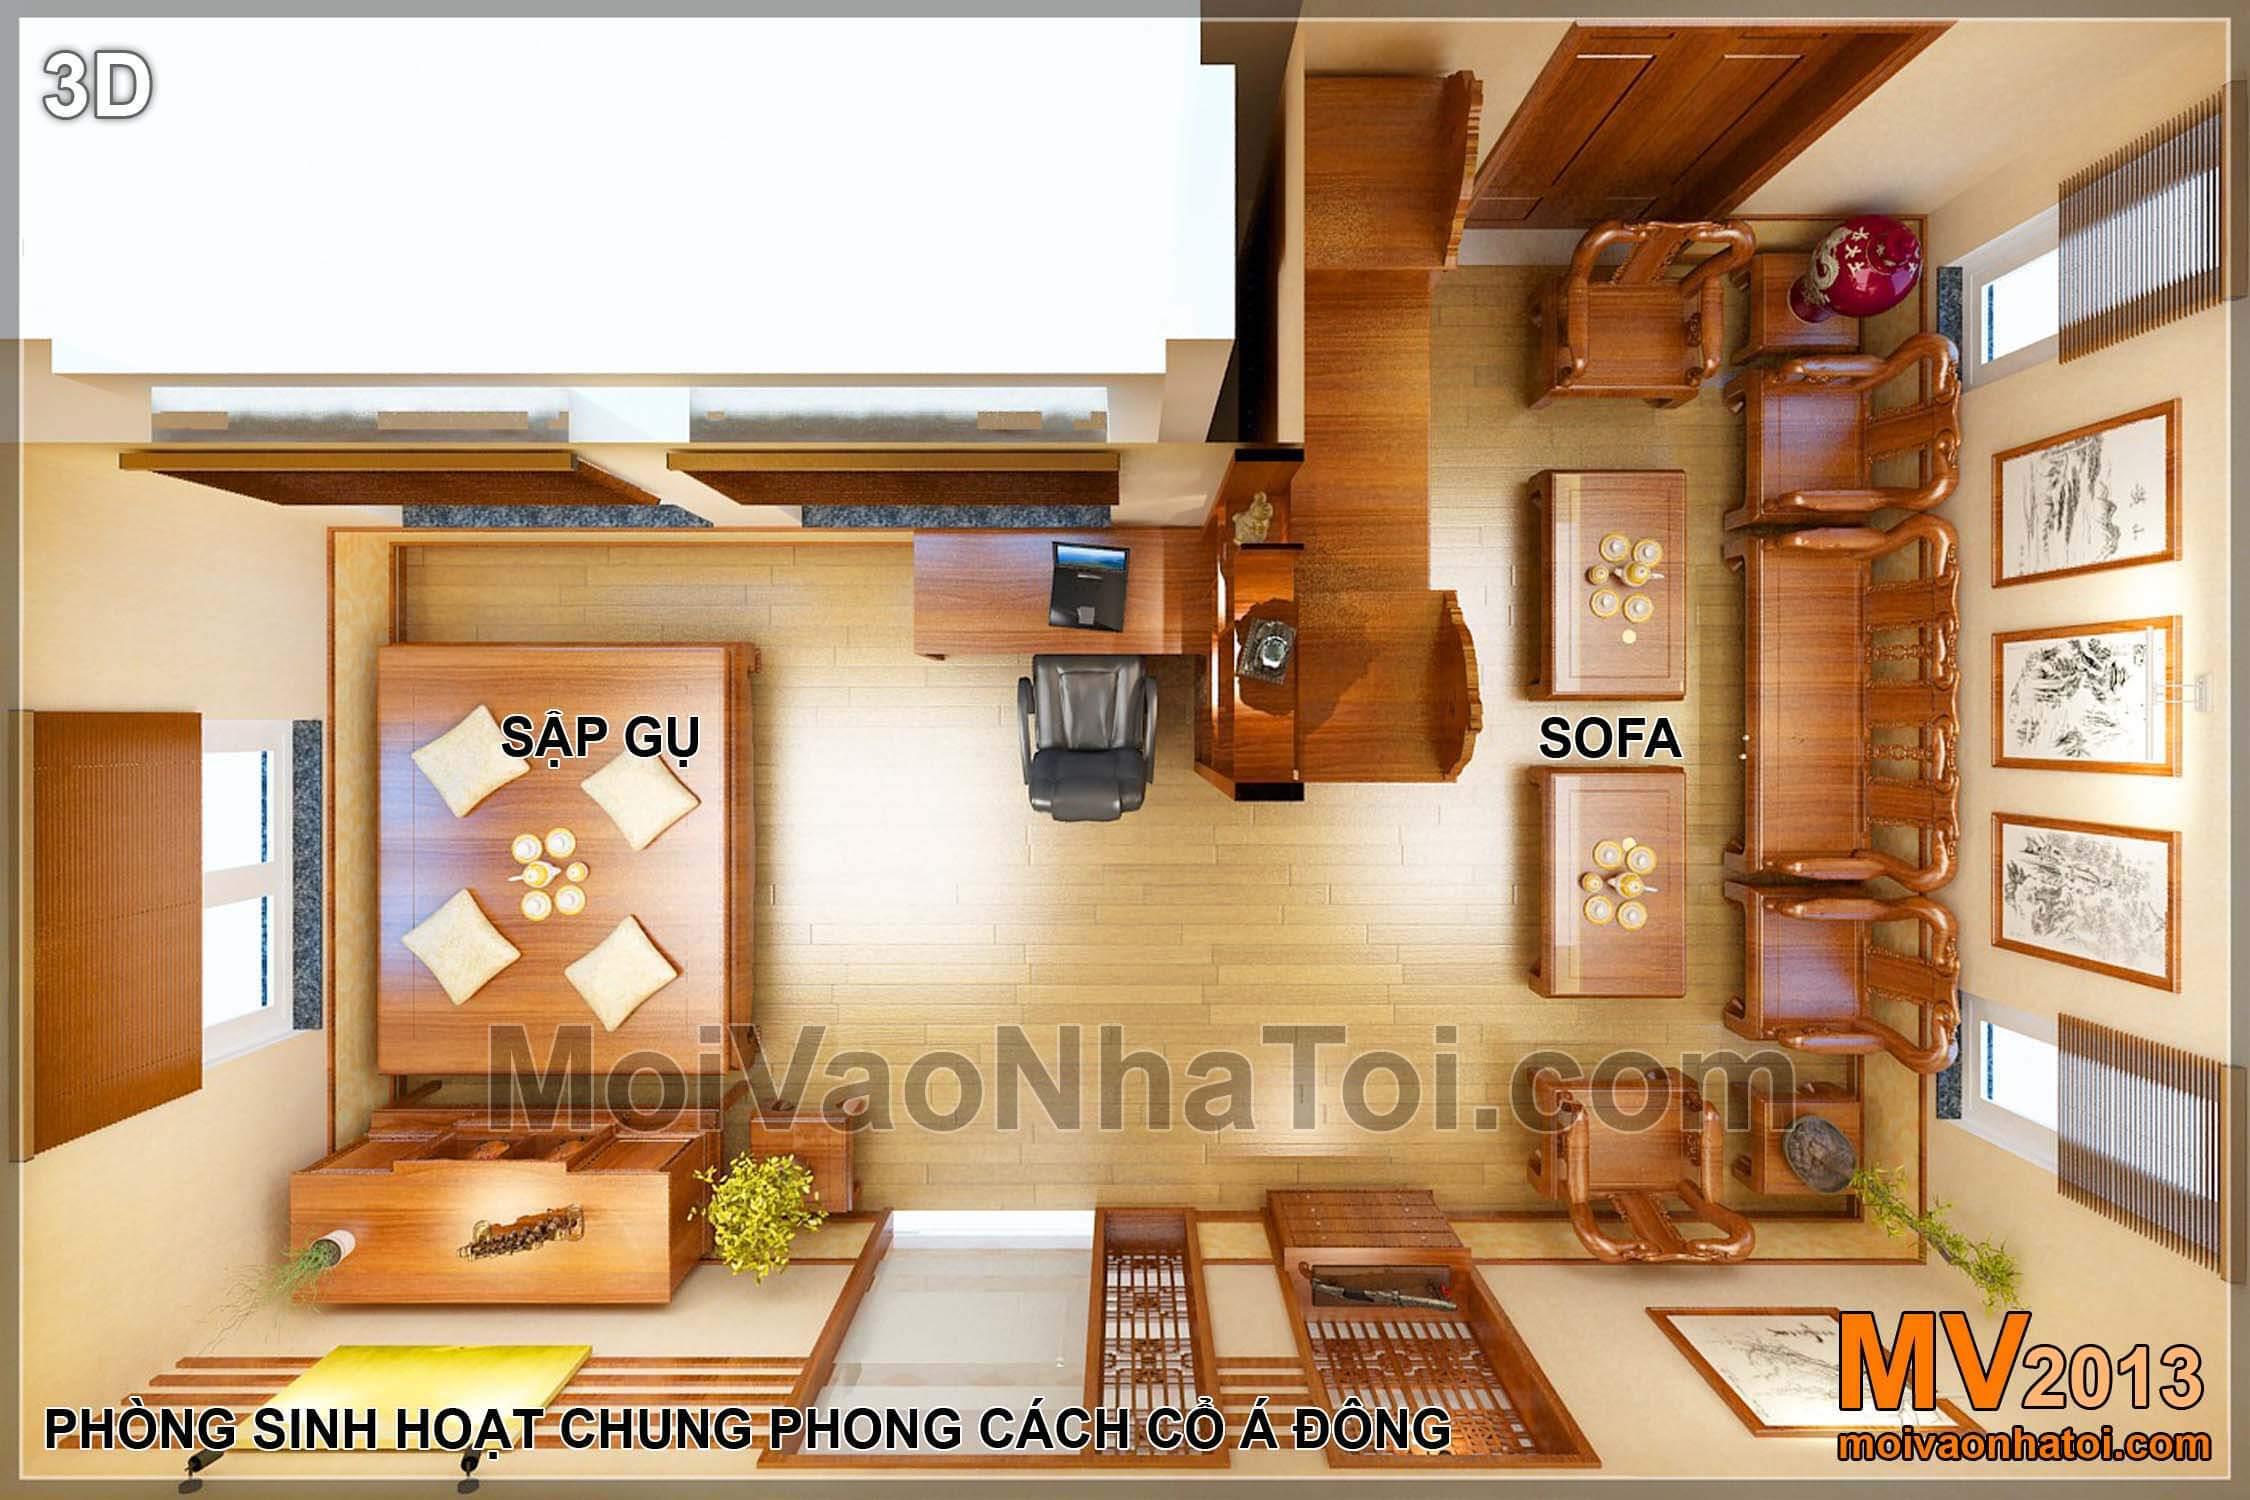 Mặt bằng biệt thự Việt Hưng BT - nội thất tầng 2 - phòng sinh hoạt chung